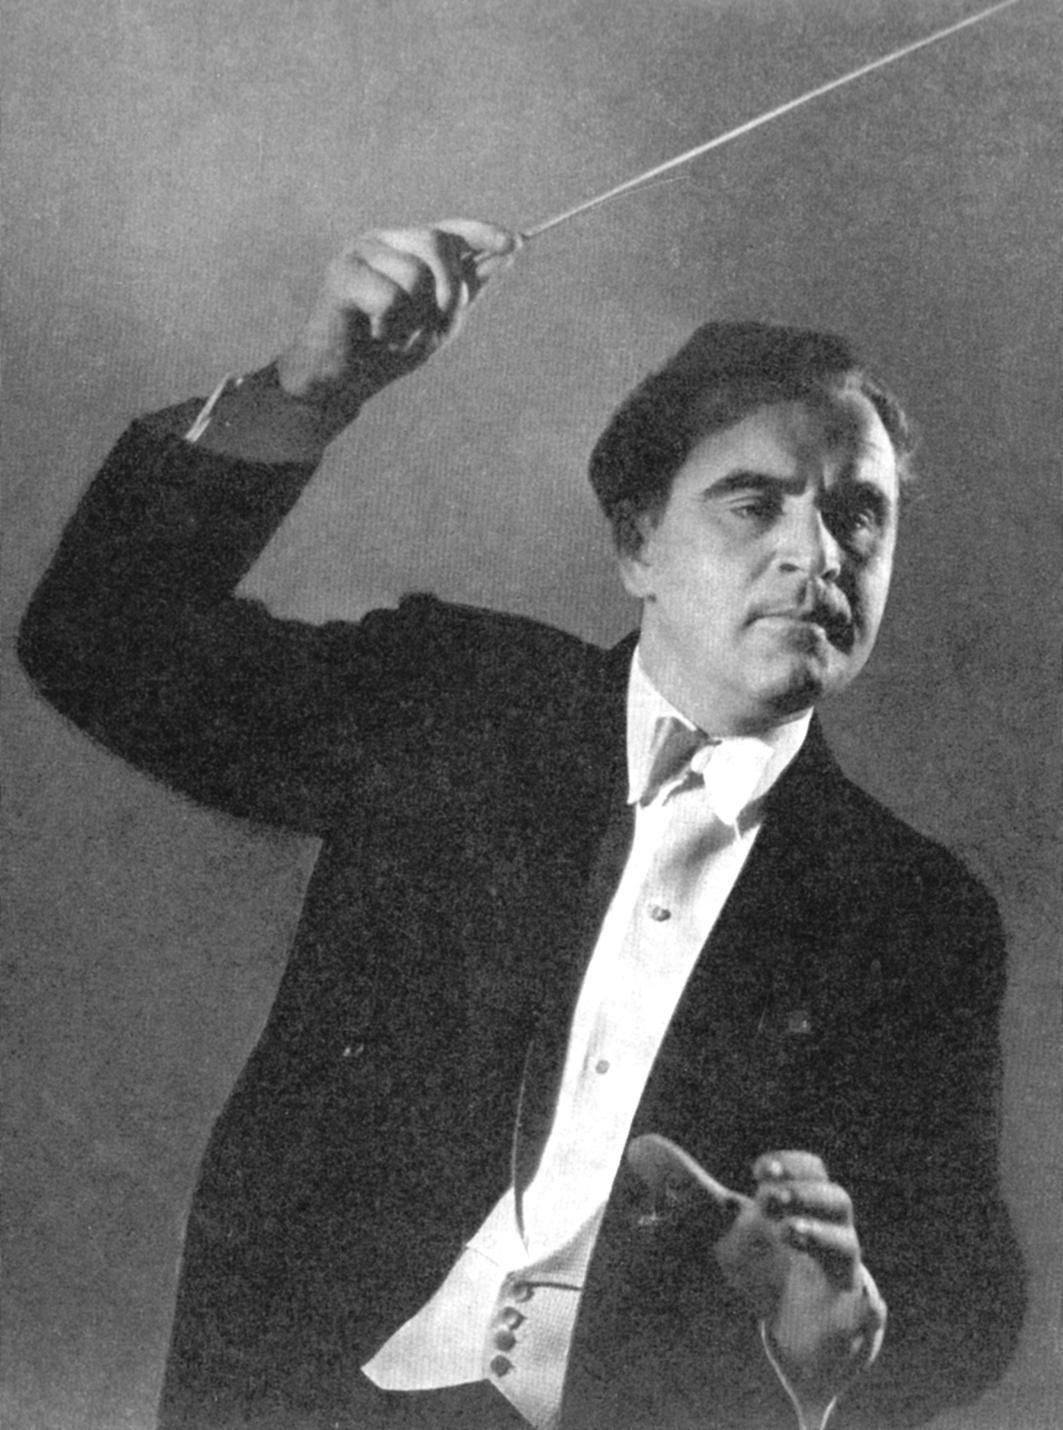 Wilhelm SCHÜCHTER dans les années 1950, photo de la collection Harry Schultz / Dortmunder Theatersammlung